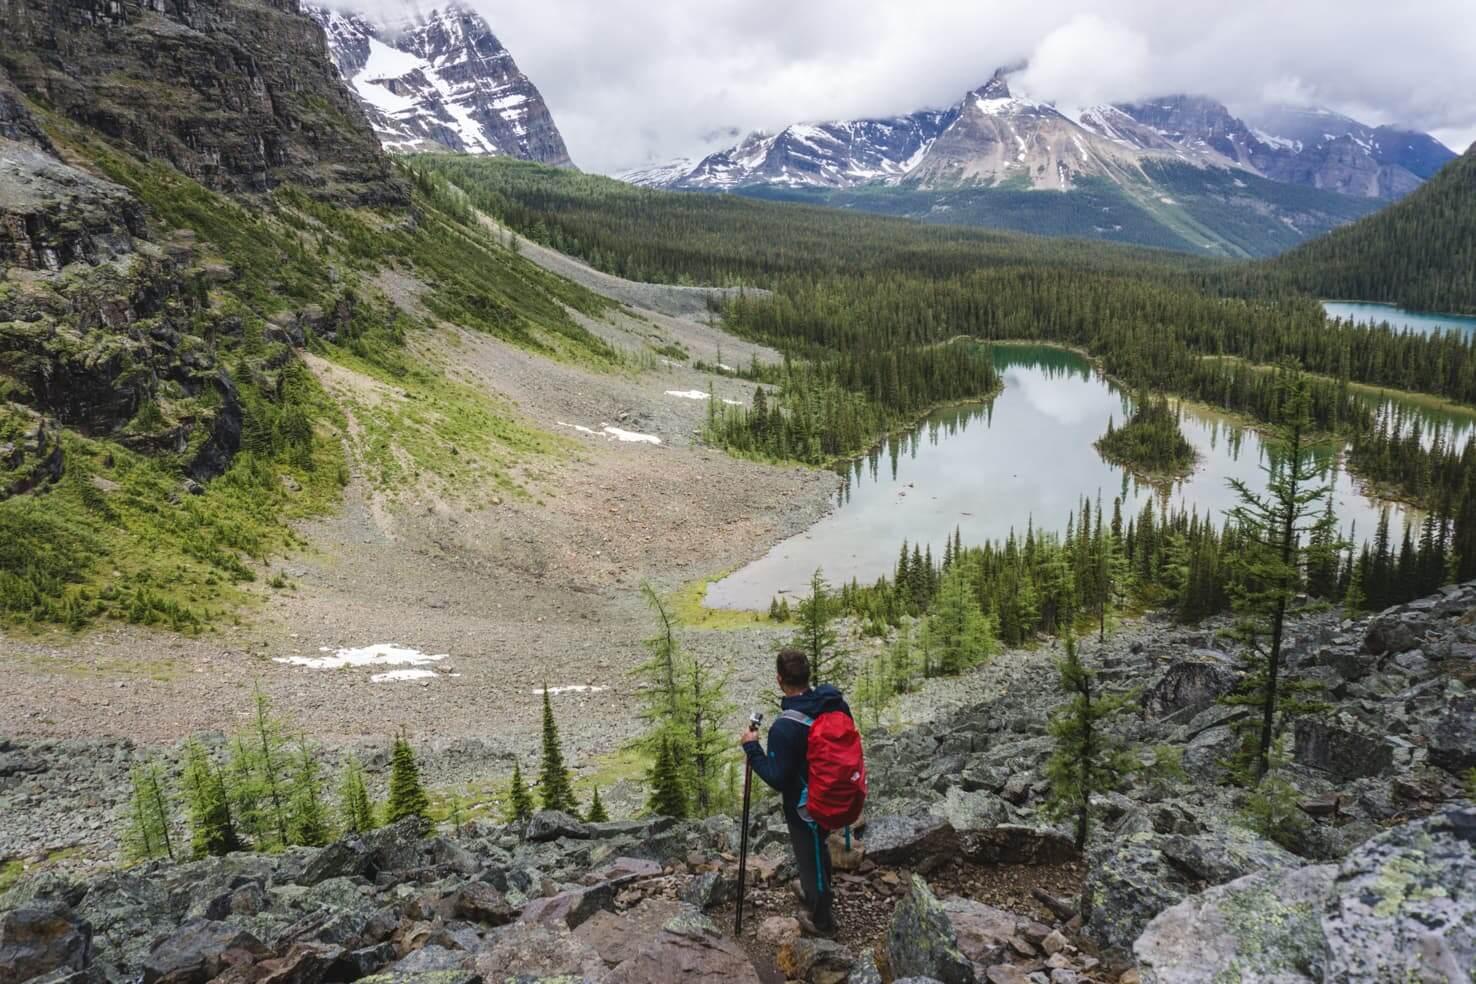 Hiking & Camping at Lake O'Hara, Yoho National Park, Canada